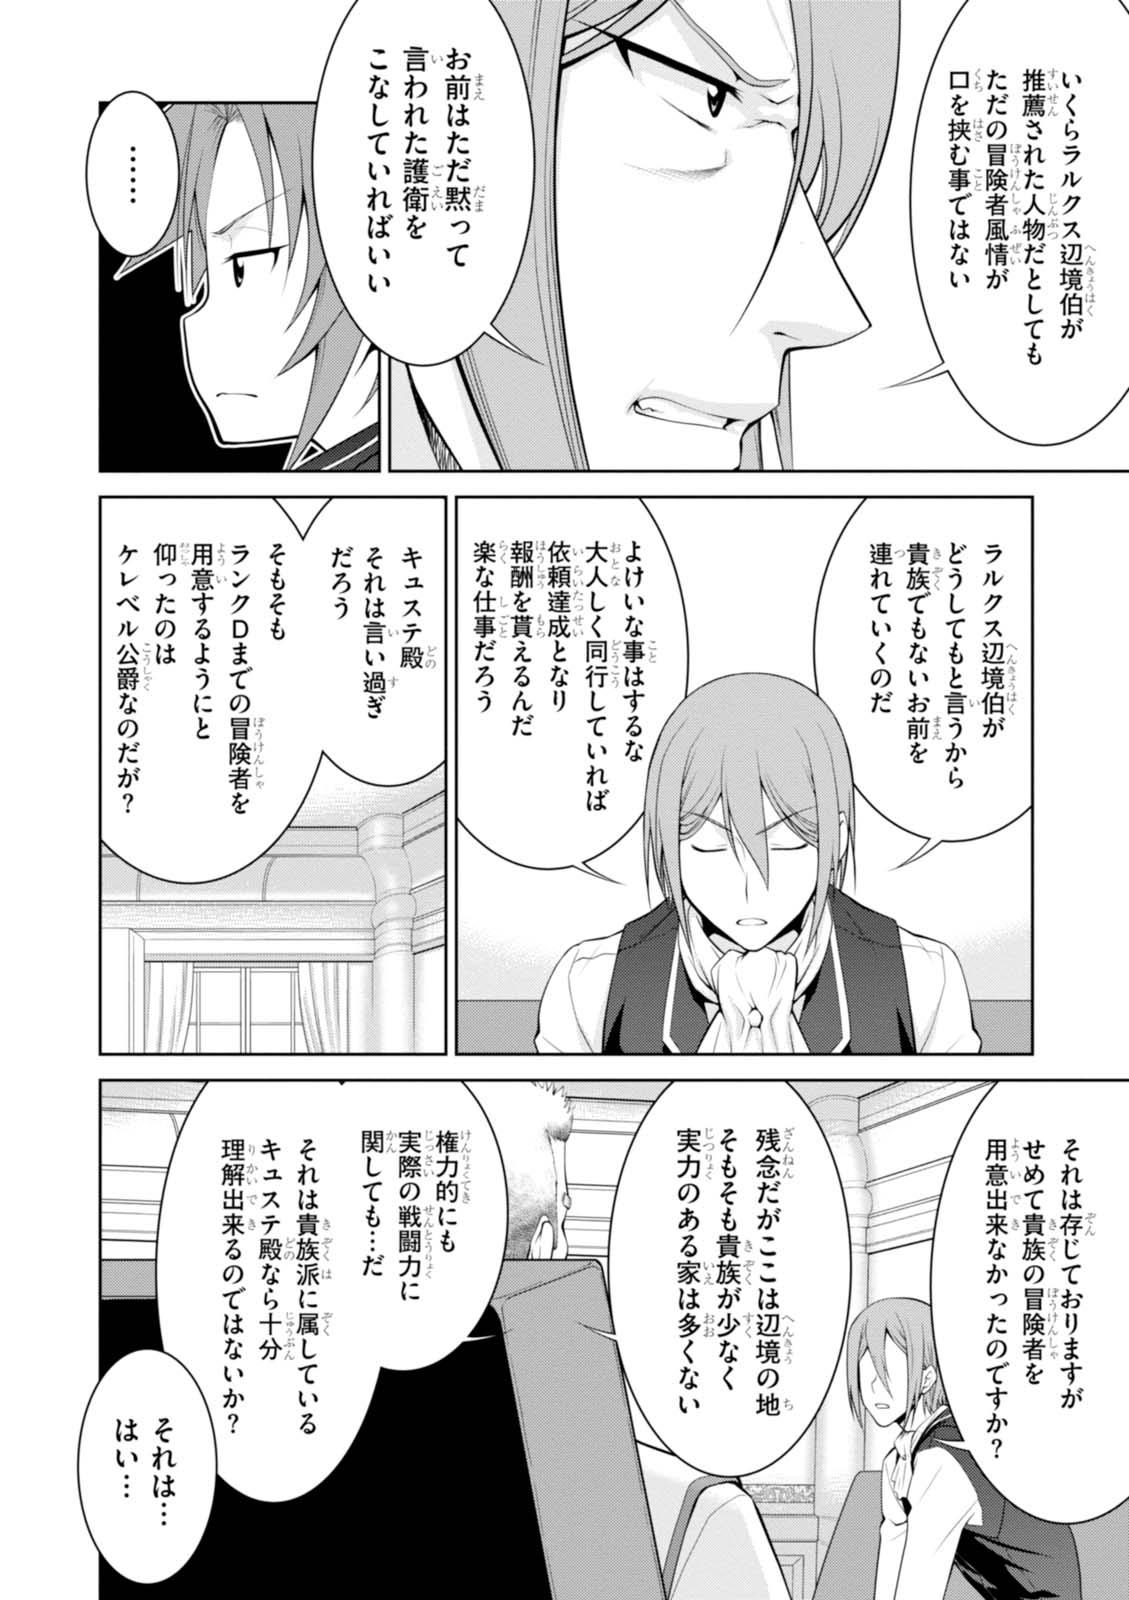 Study raw manga chapters